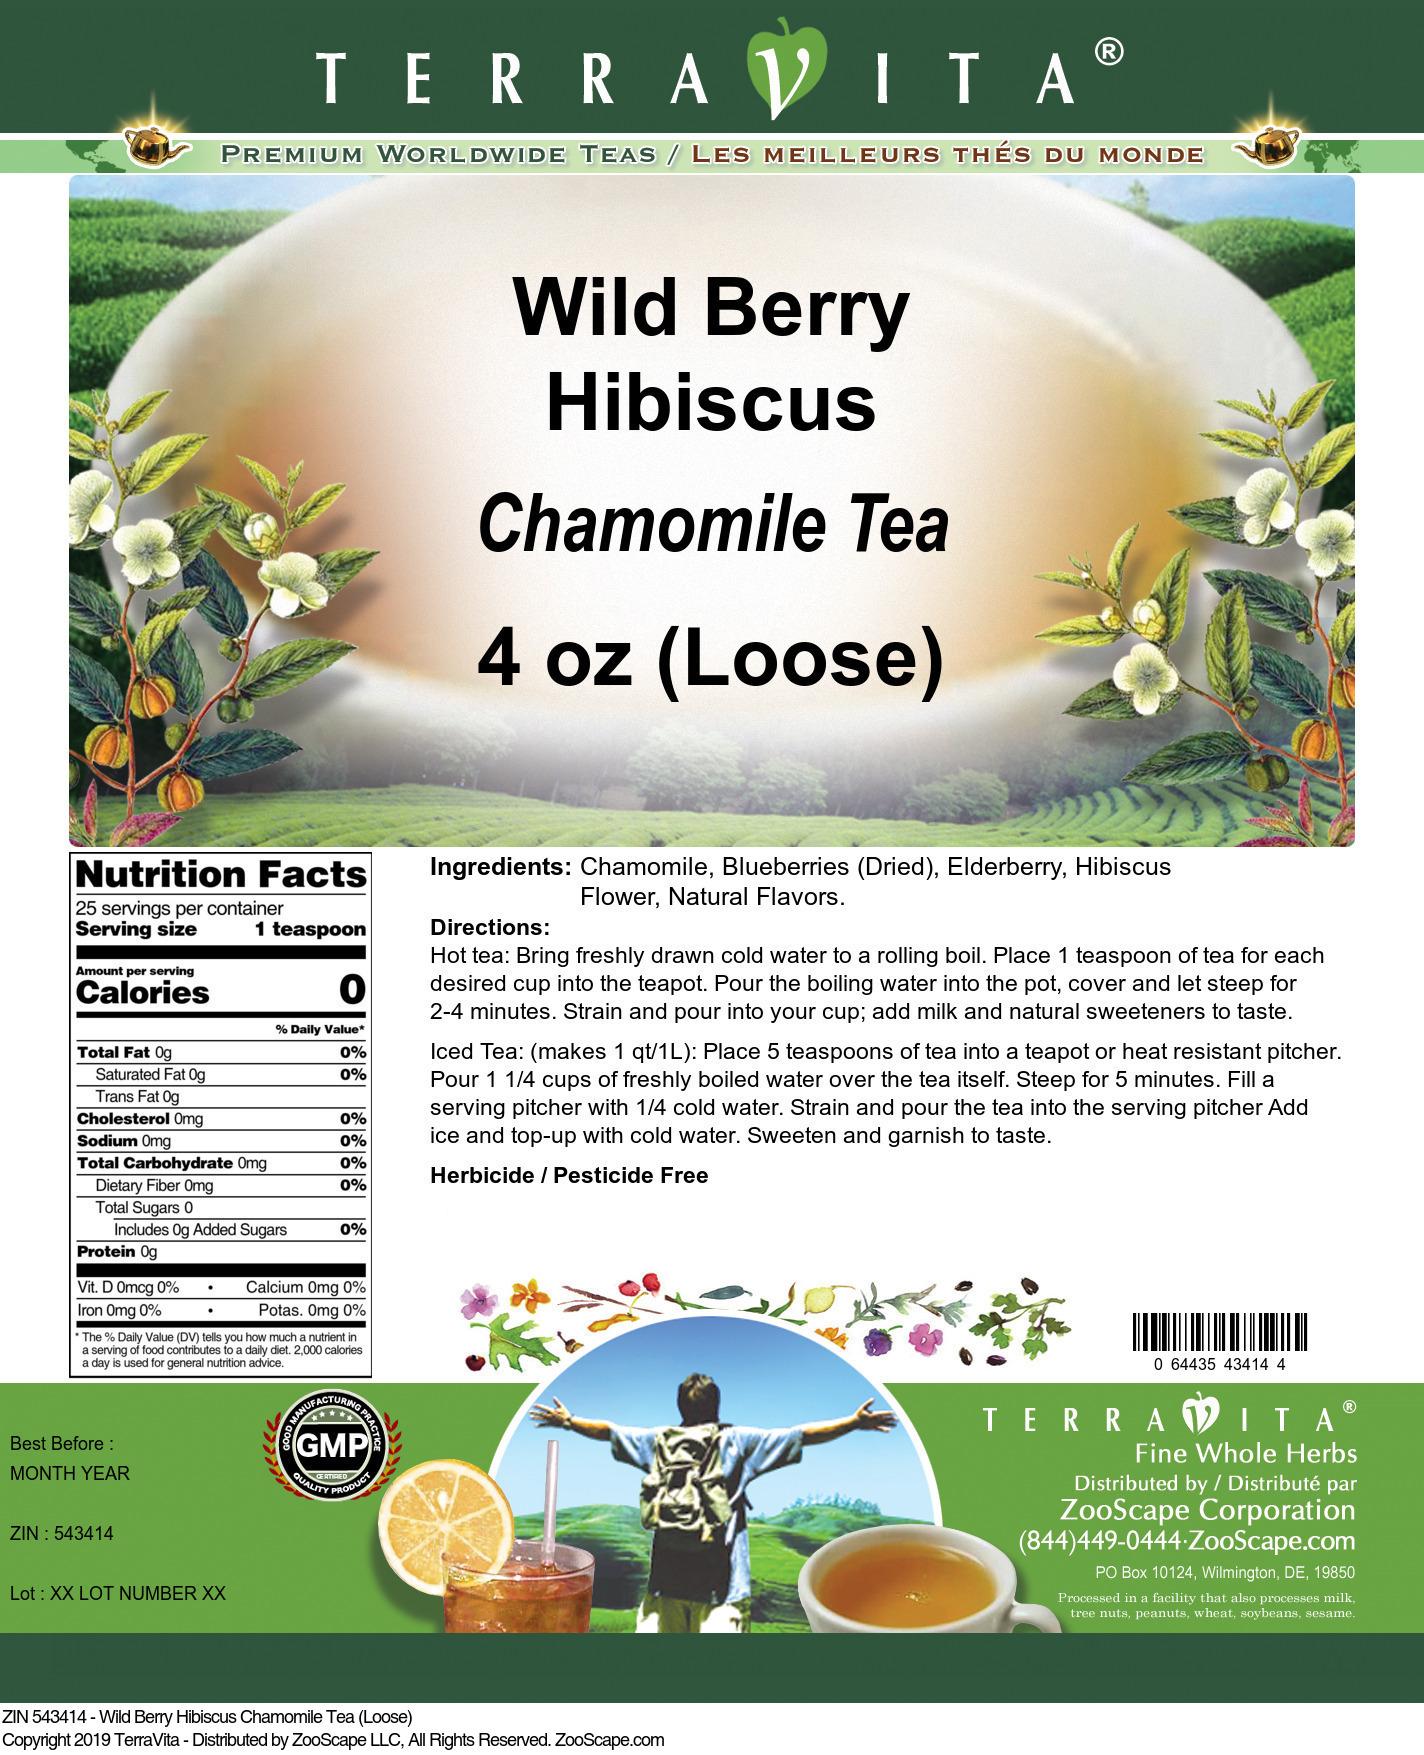 Wild Berry Hibiscus Chamomile Tea (Loose)